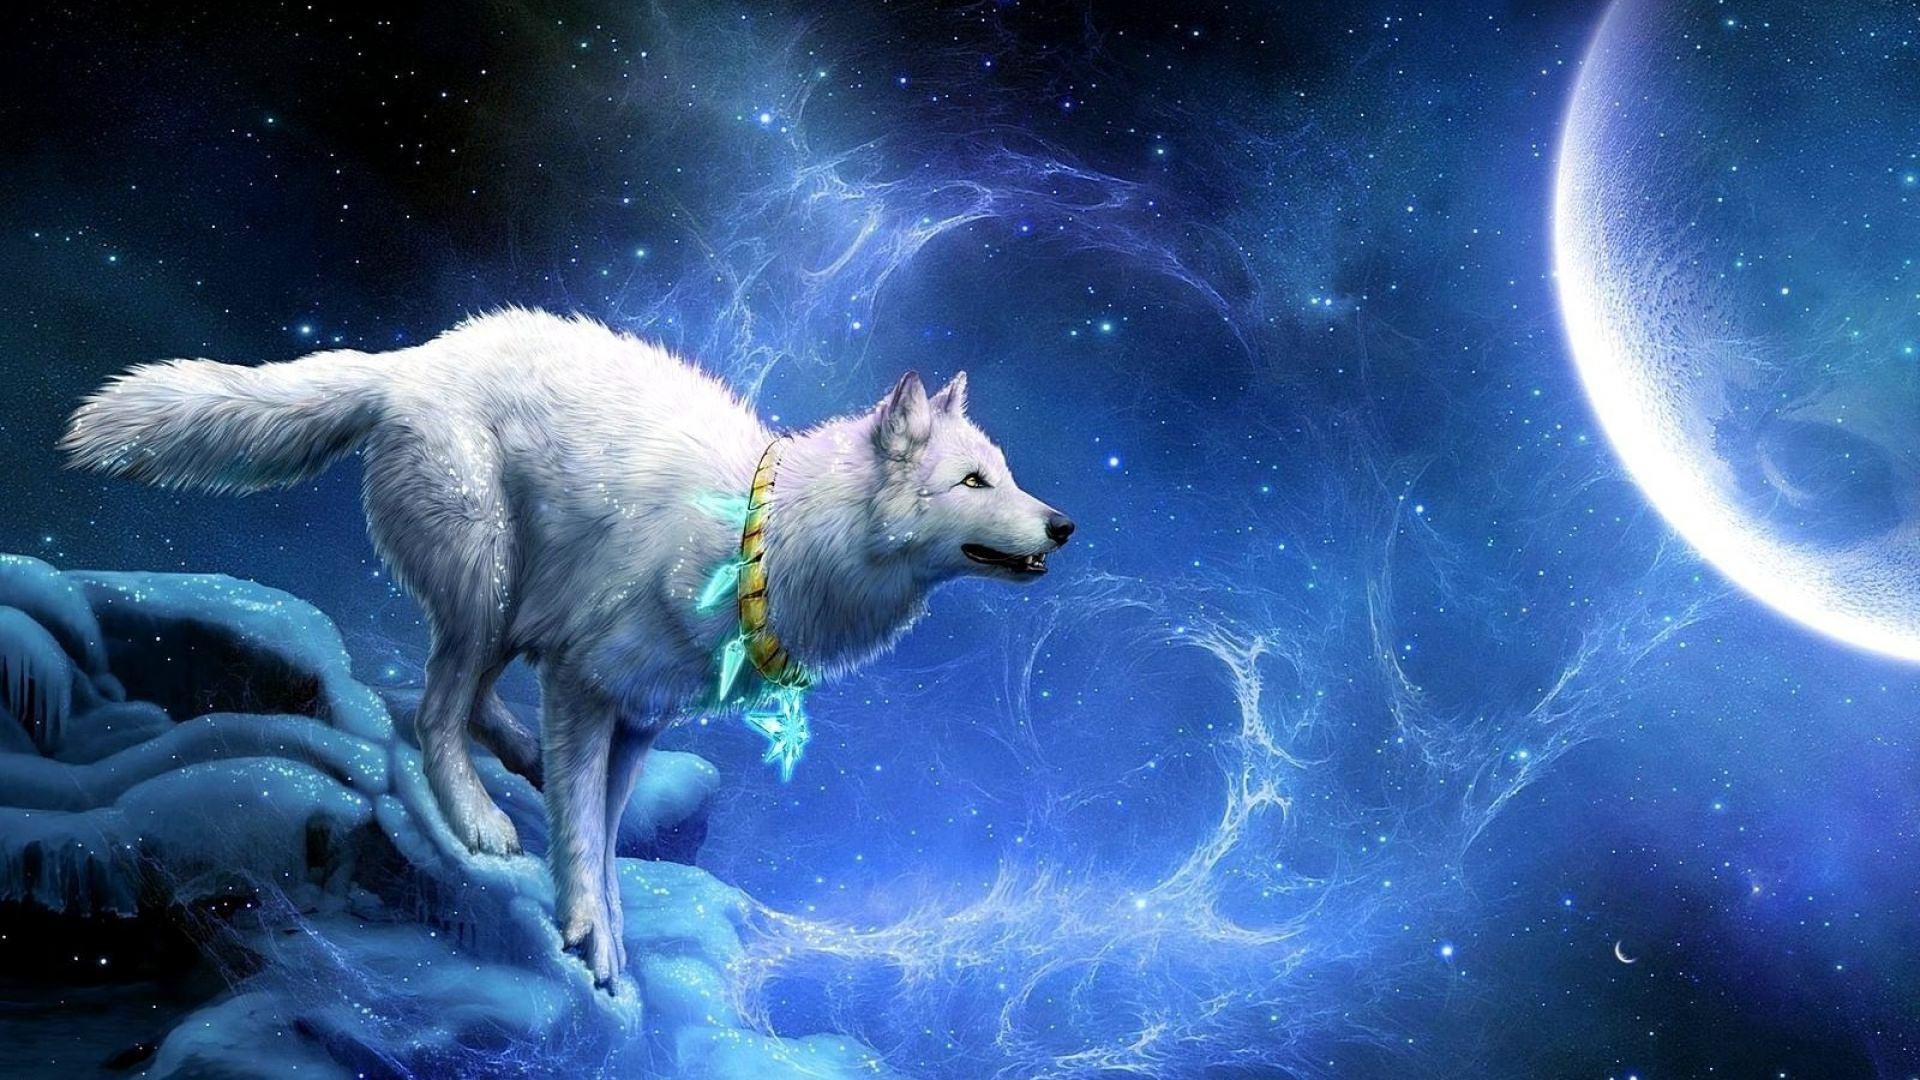 Wolf Breakage Wallpaper